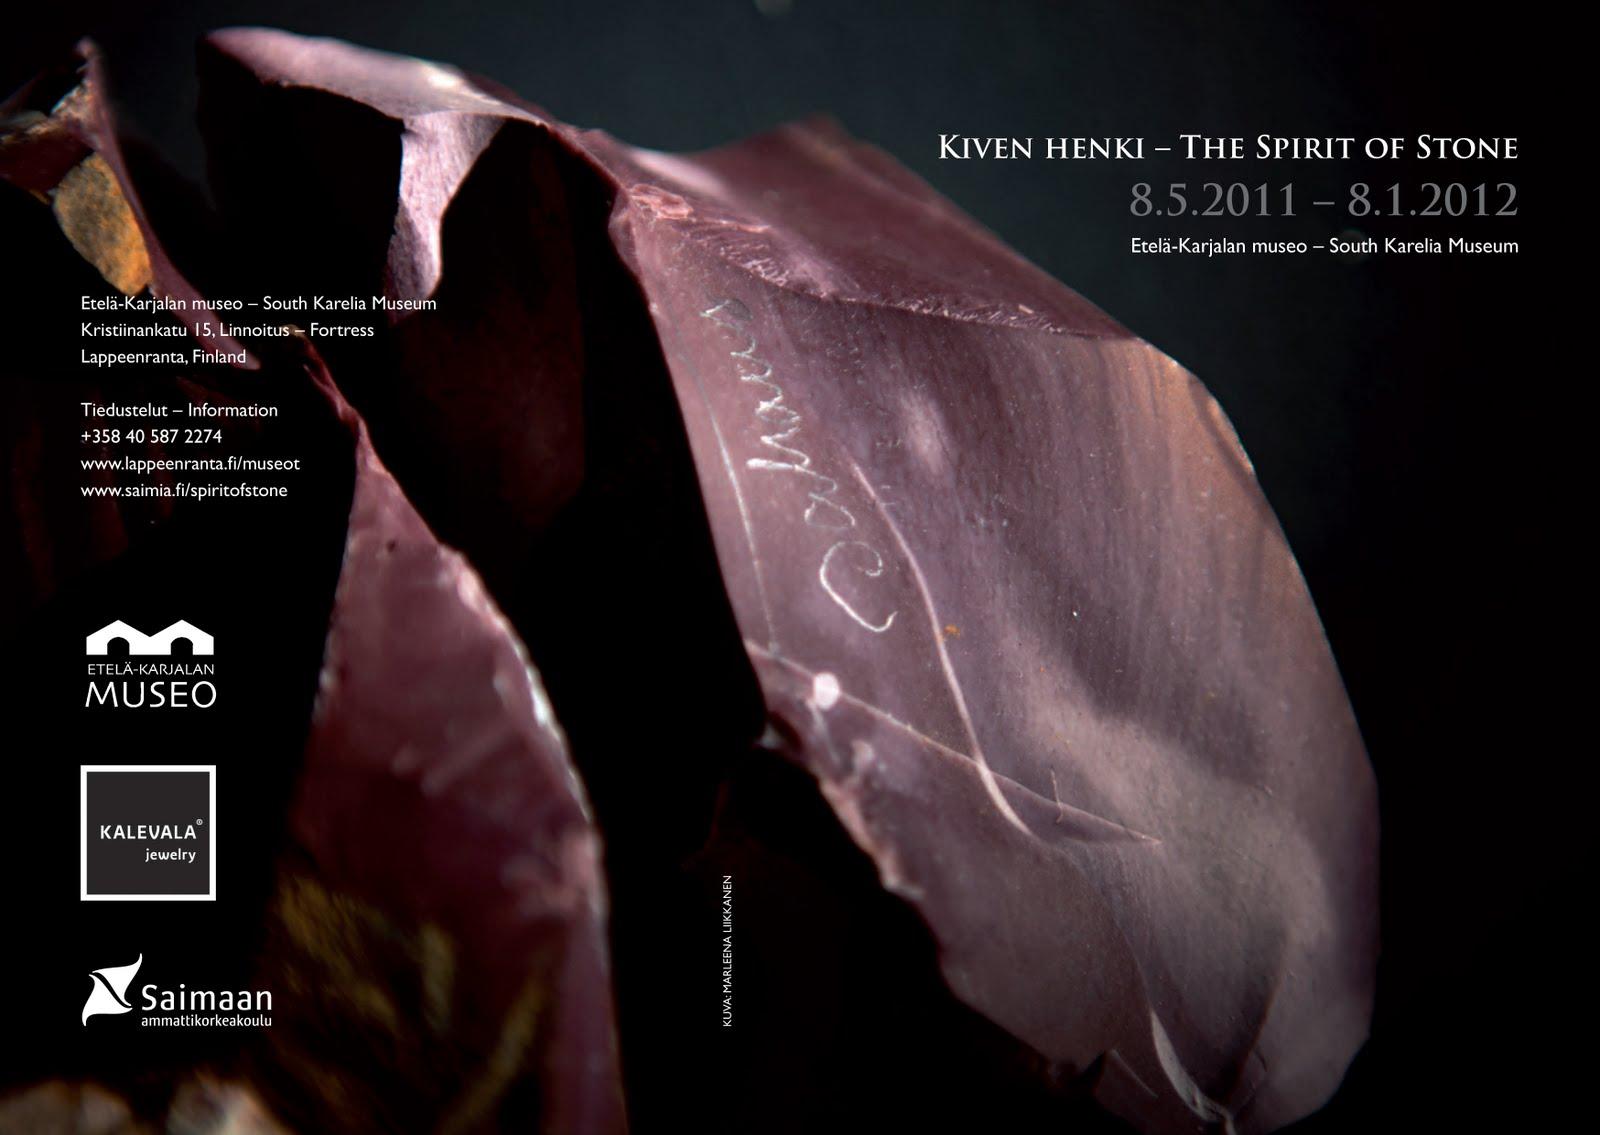 http://2.bp.blogspot.com/-IEJKAZ0QXmw/TbcUysElzrI/AAAAAAAADeQ/Huwb4sNRlF0/s1600/Spirit+of+Stone+invitation-1.jpg